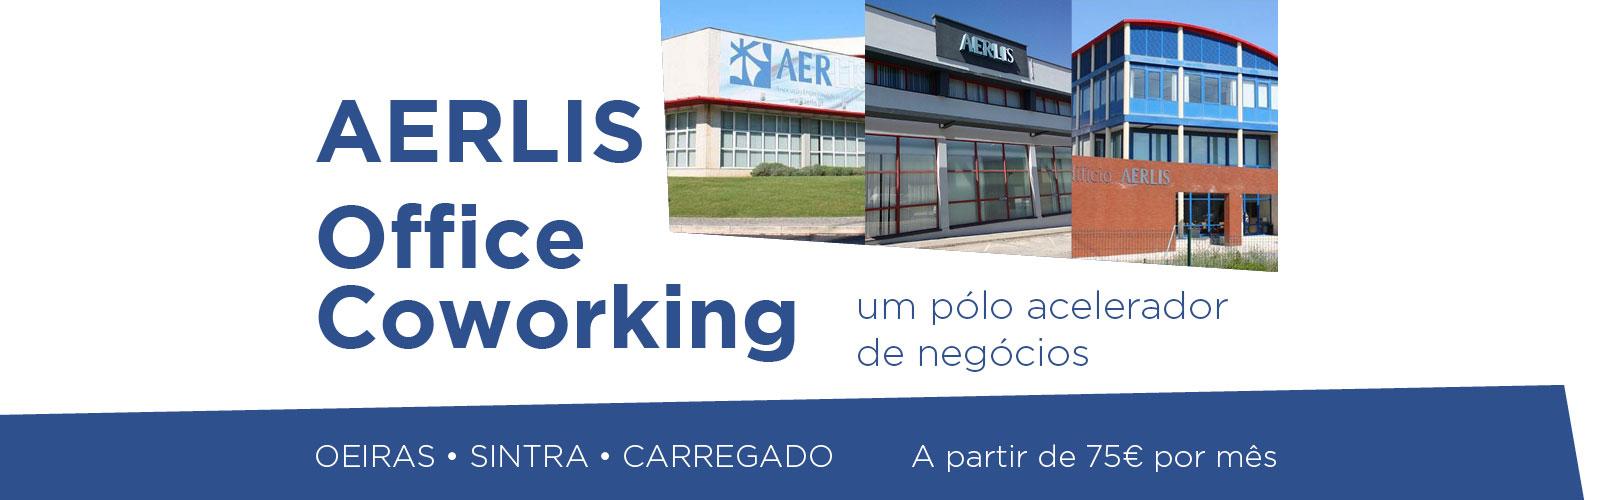 banner_coworking_AERLIS_v5